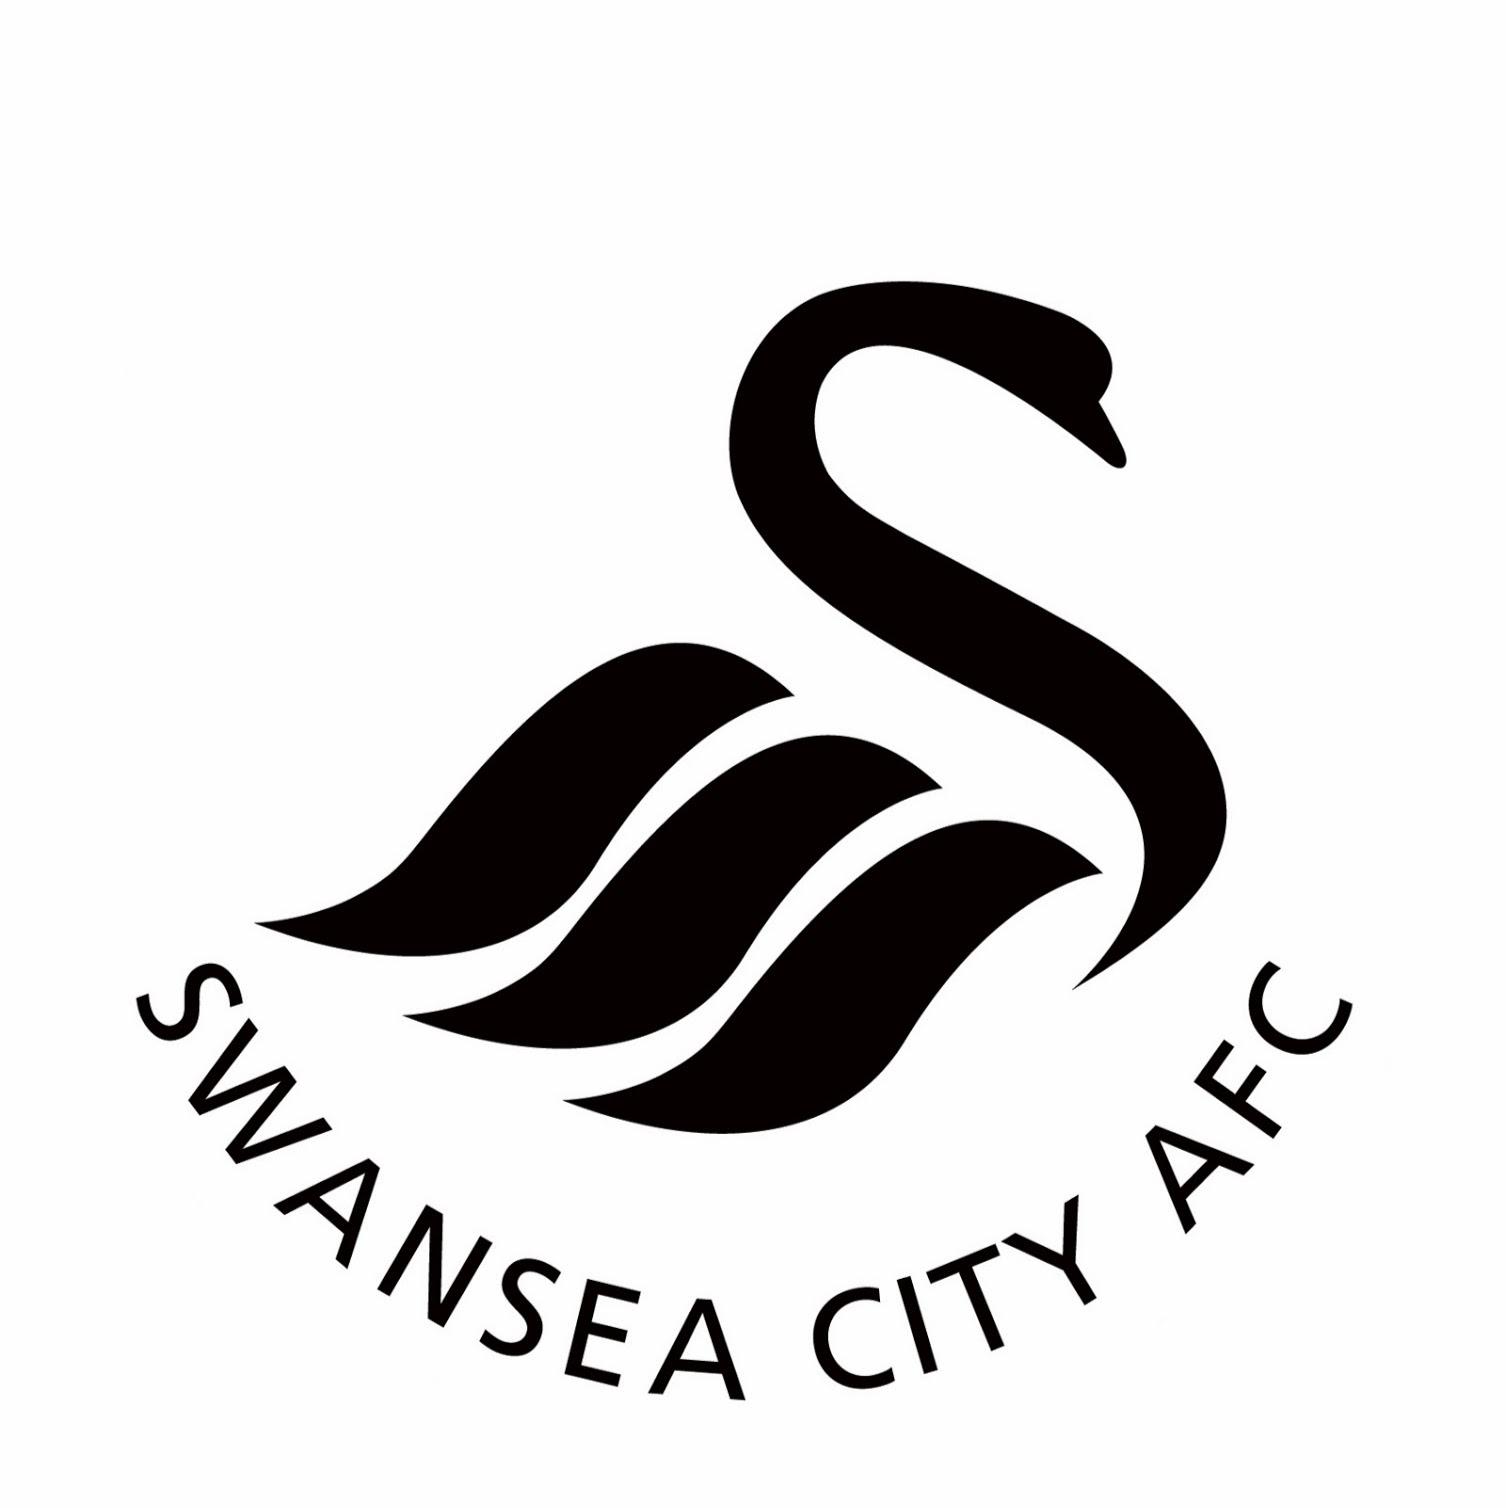 swansea-city-crest